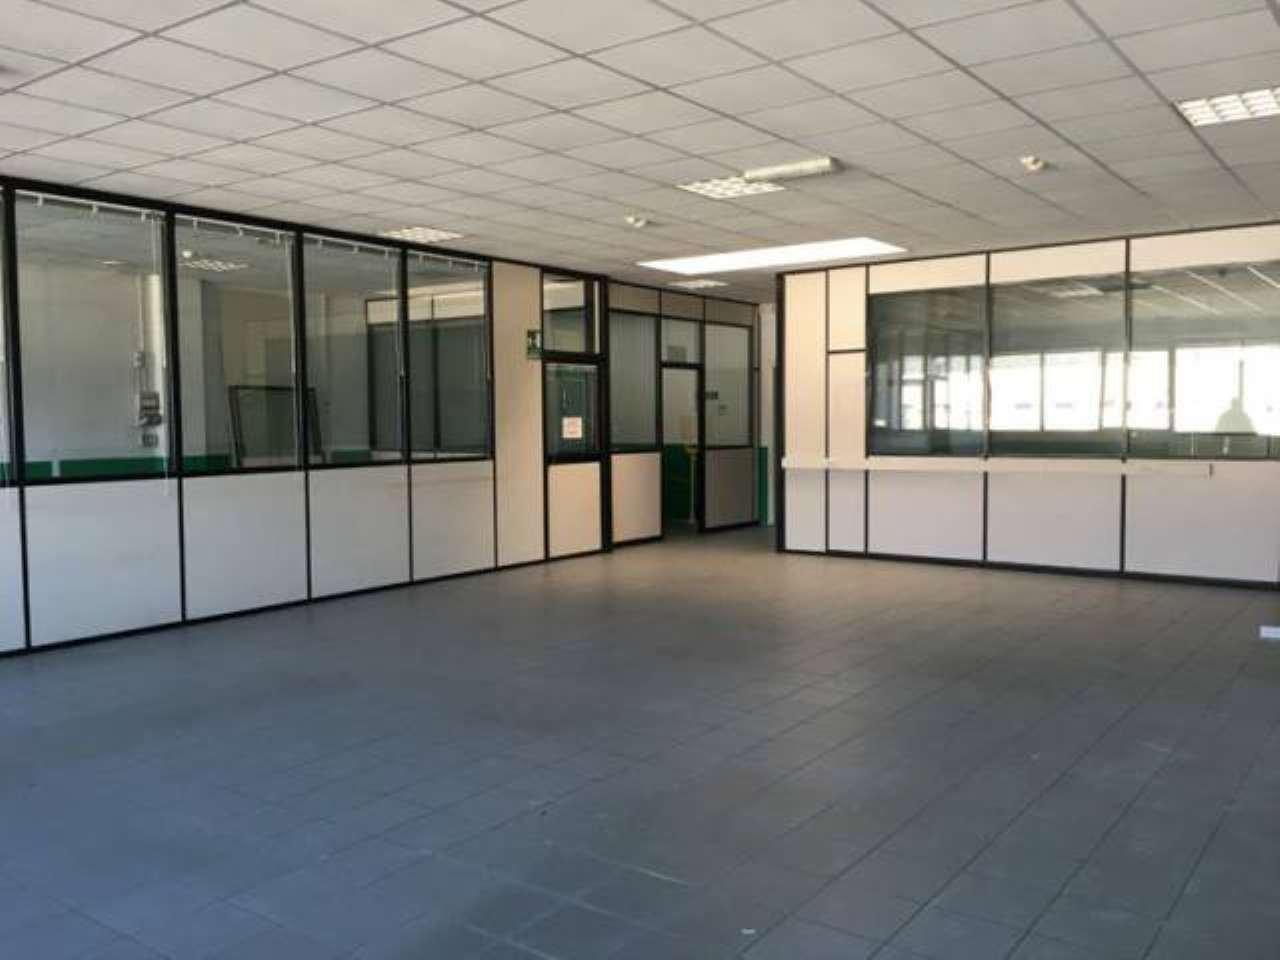 Negozio / Locale in vendita a Buttigliera Alta, 6 locali, prezzo € 345.000 | PortaleAgenzieImmobiliari.it